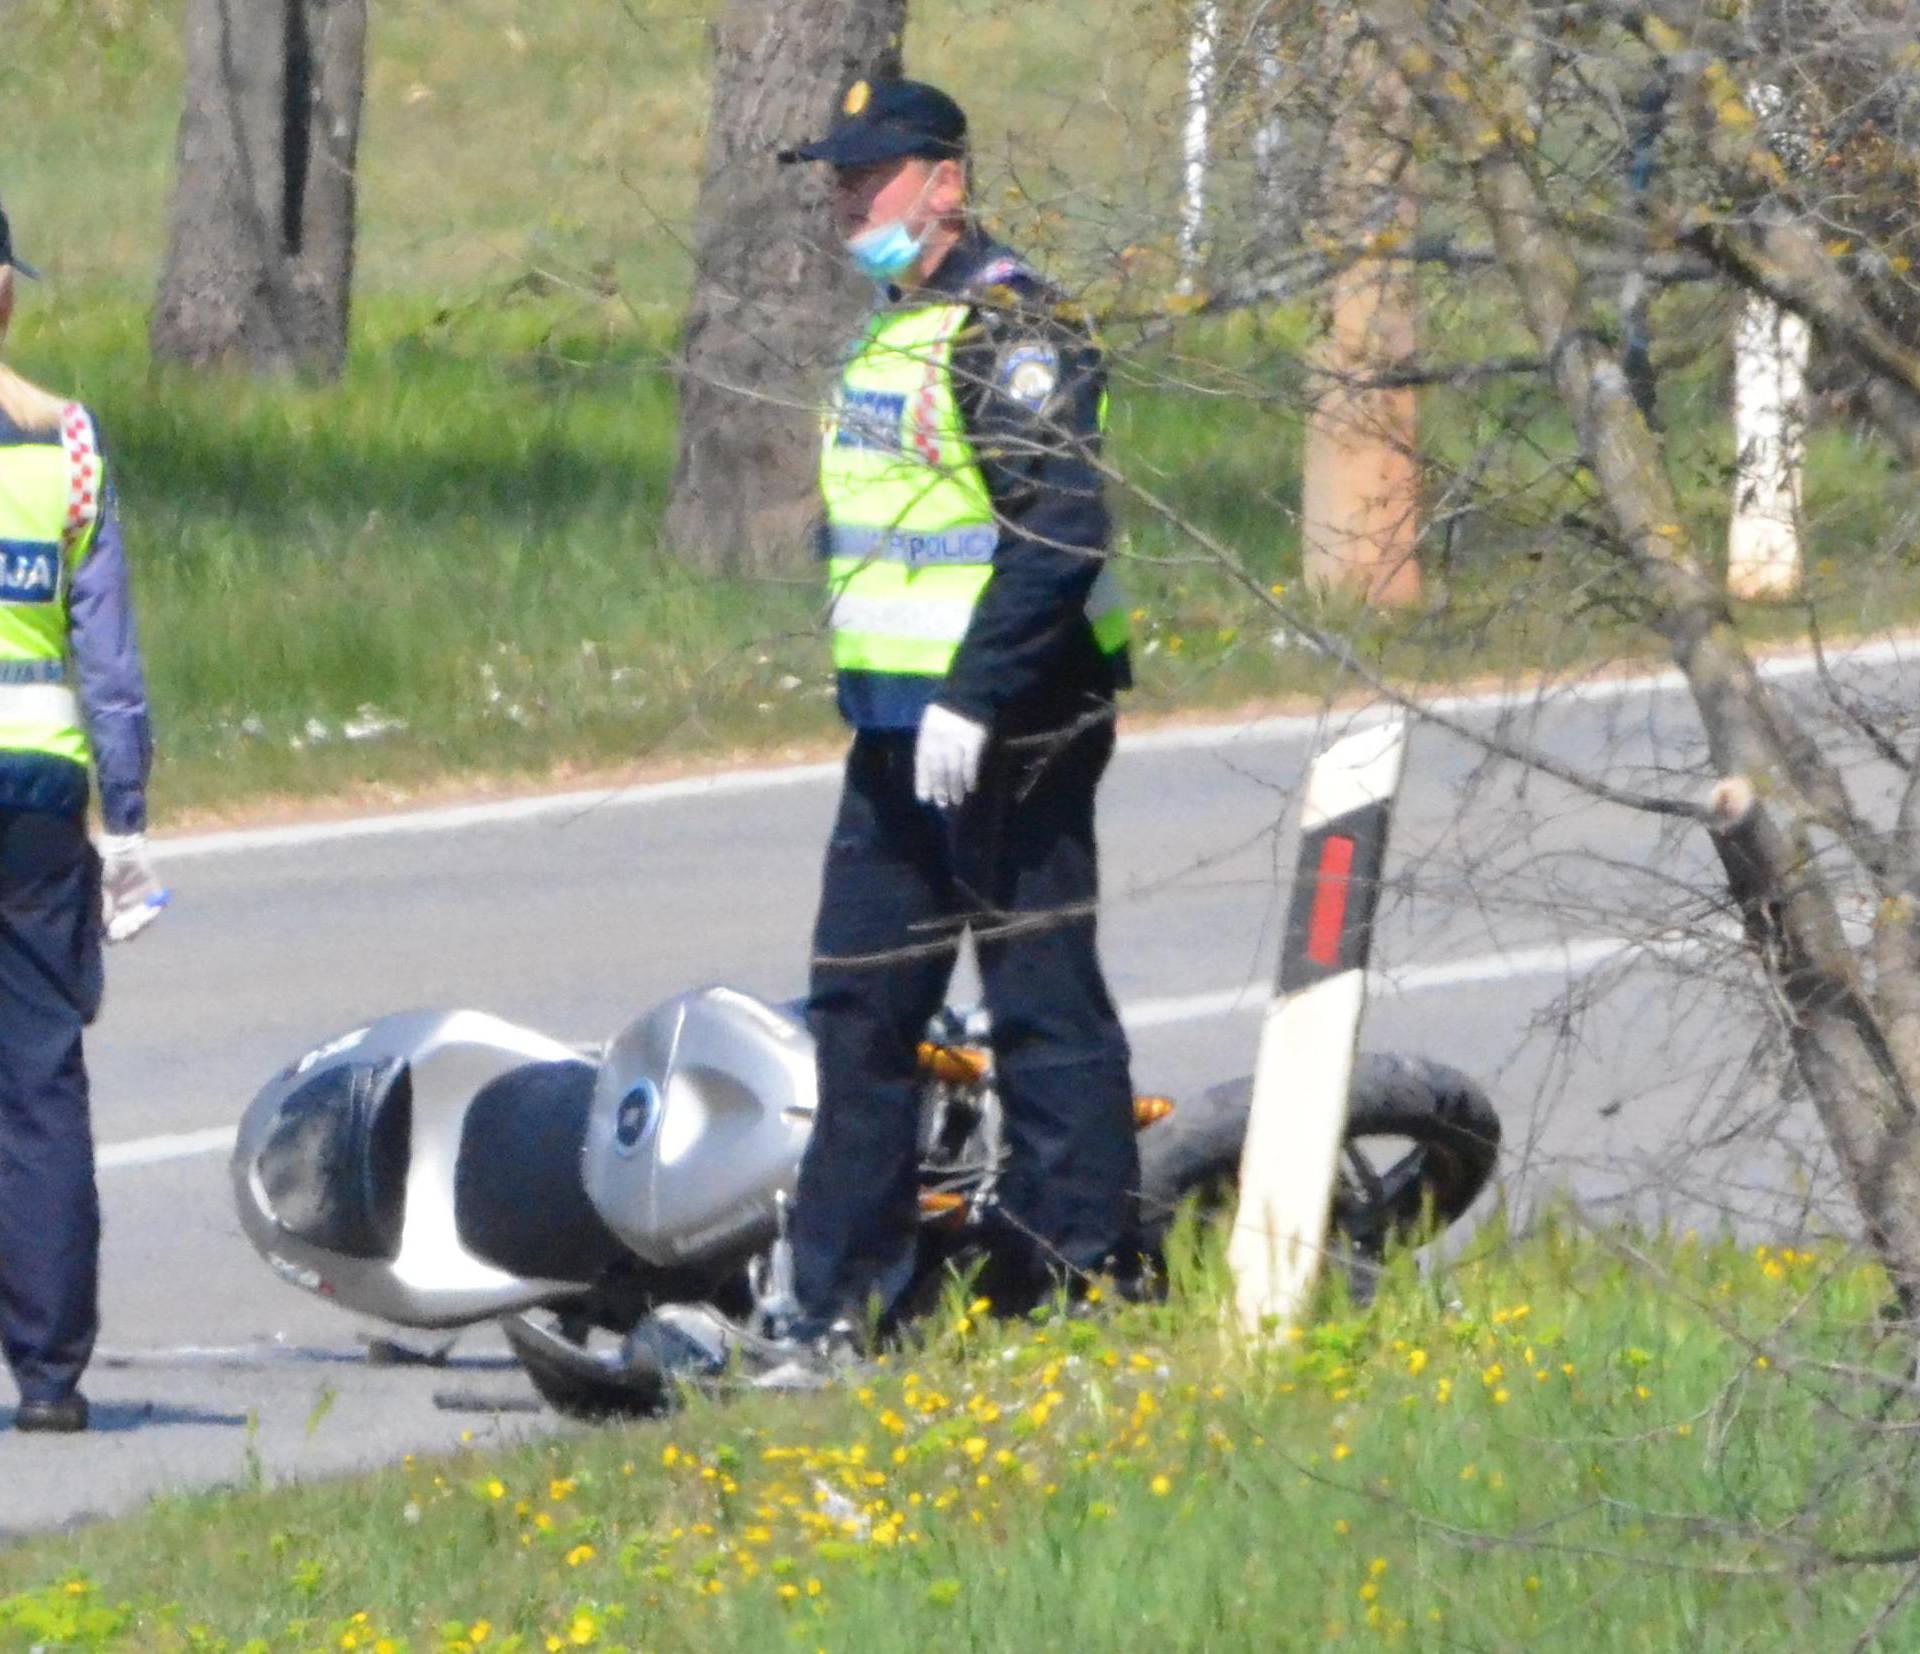 Teška nesreća u Istri: U sudaru s autom ozlijeđen motociklist